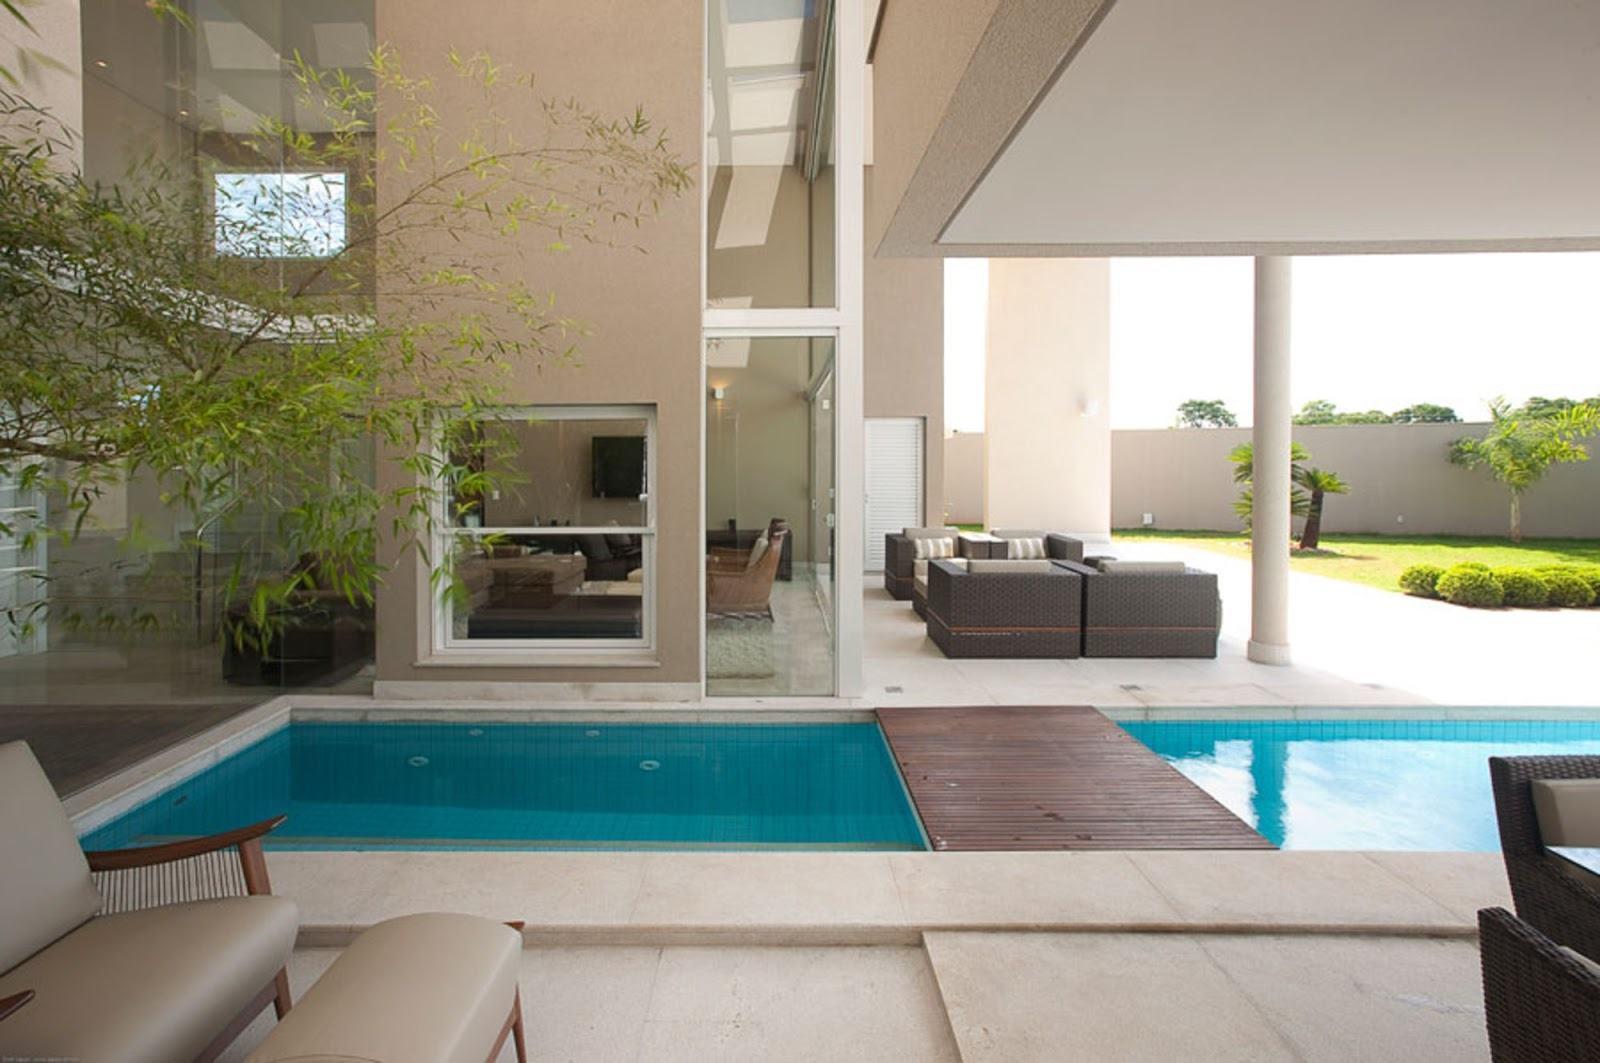 Casas com piscinas 60 modelos projetos e fotos for Piscinas para armar en casa